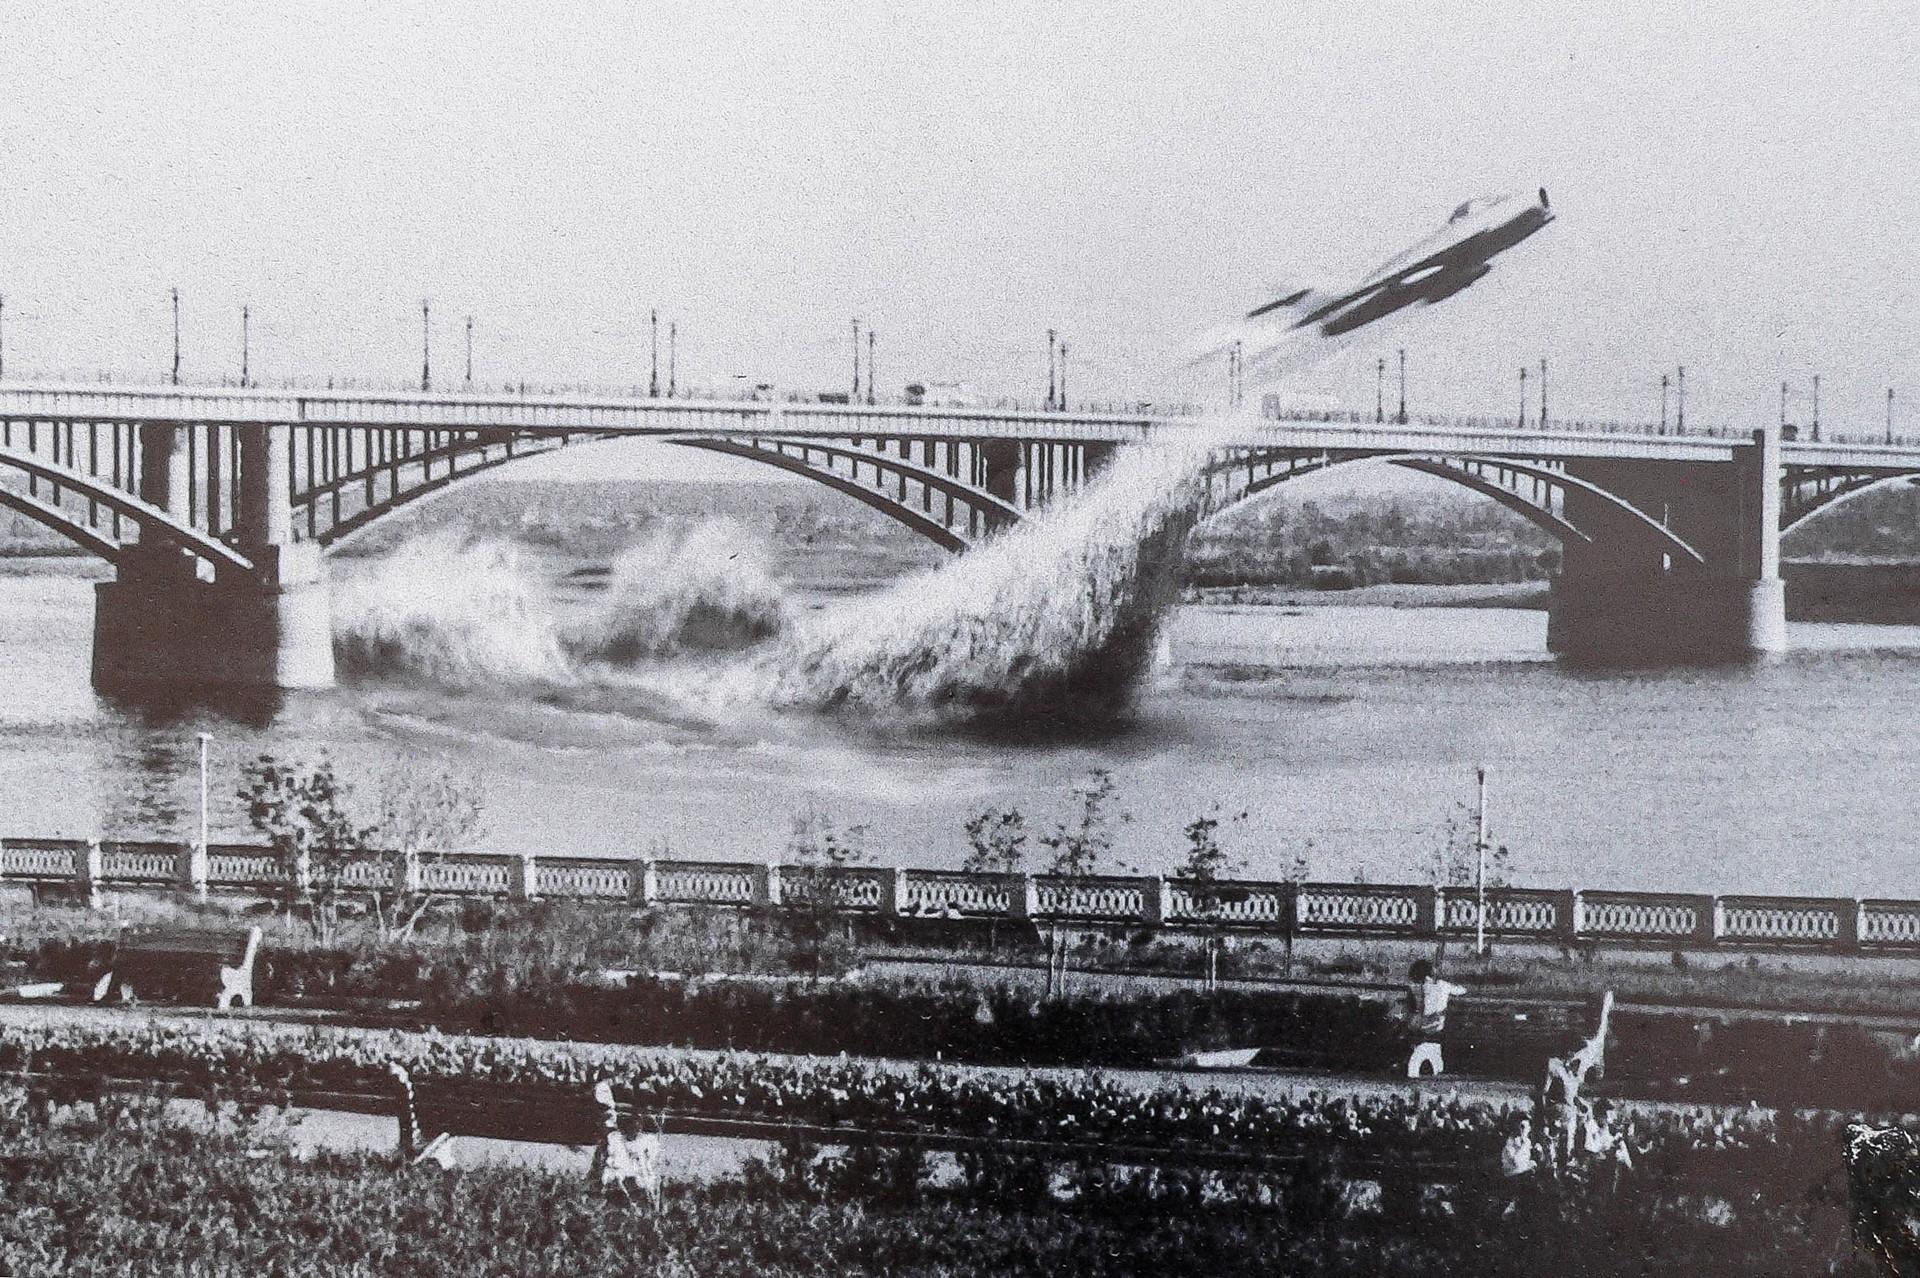 Según una versión, la foto falsa fue creada por el diseñador Evgueni Sotsijovski para el museo de Novosibirsk.